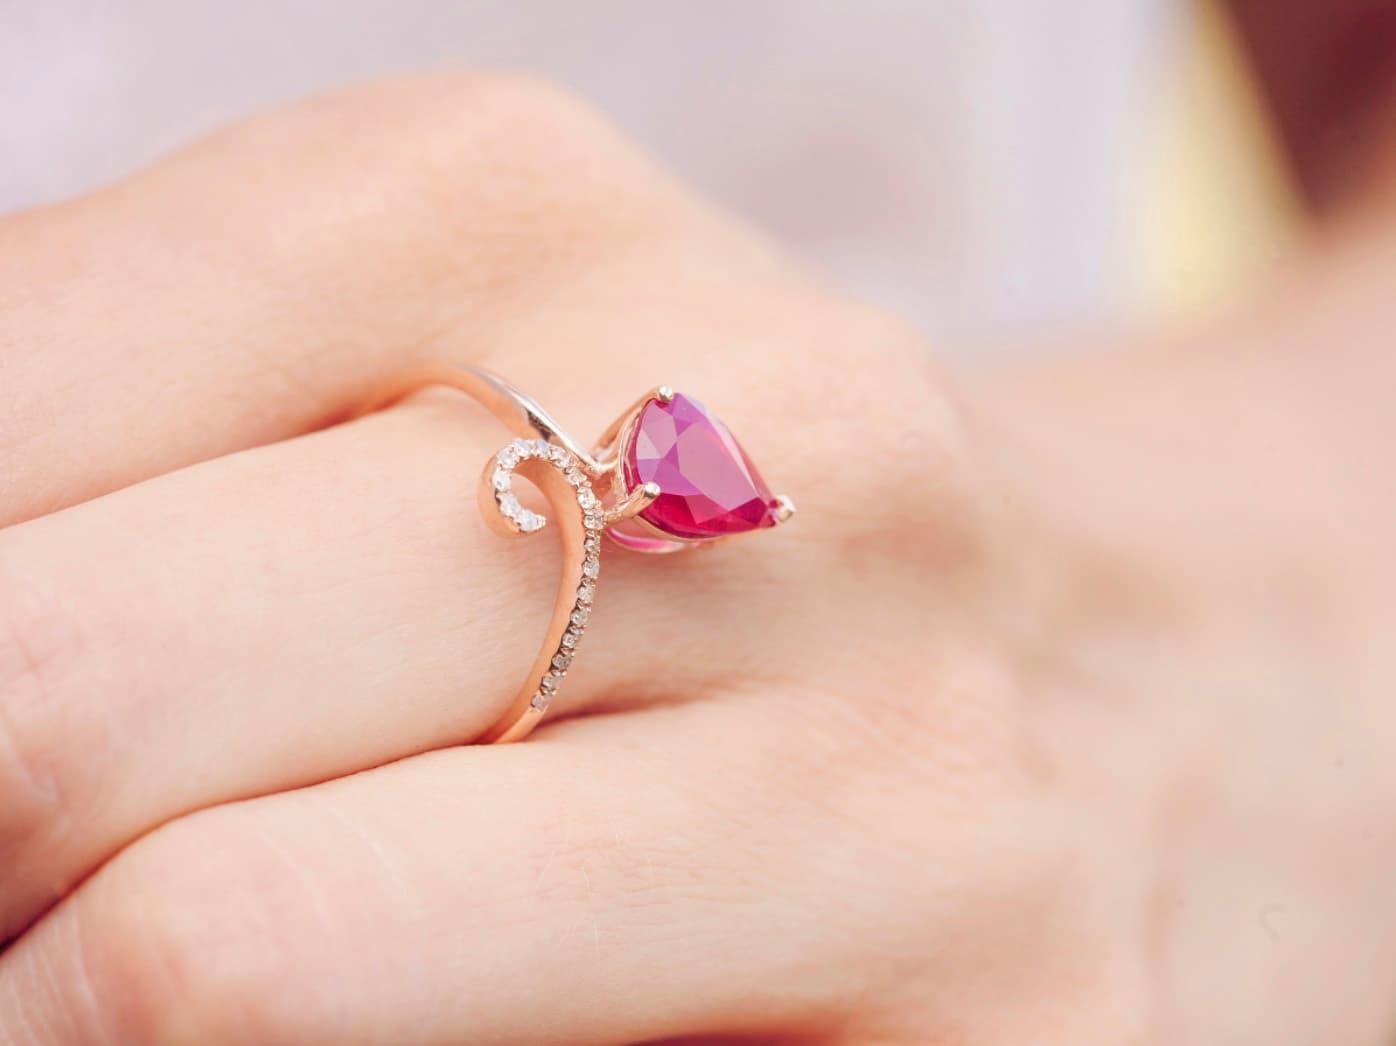 情侶戴對戒右手表熱戀,左手表訂婚。